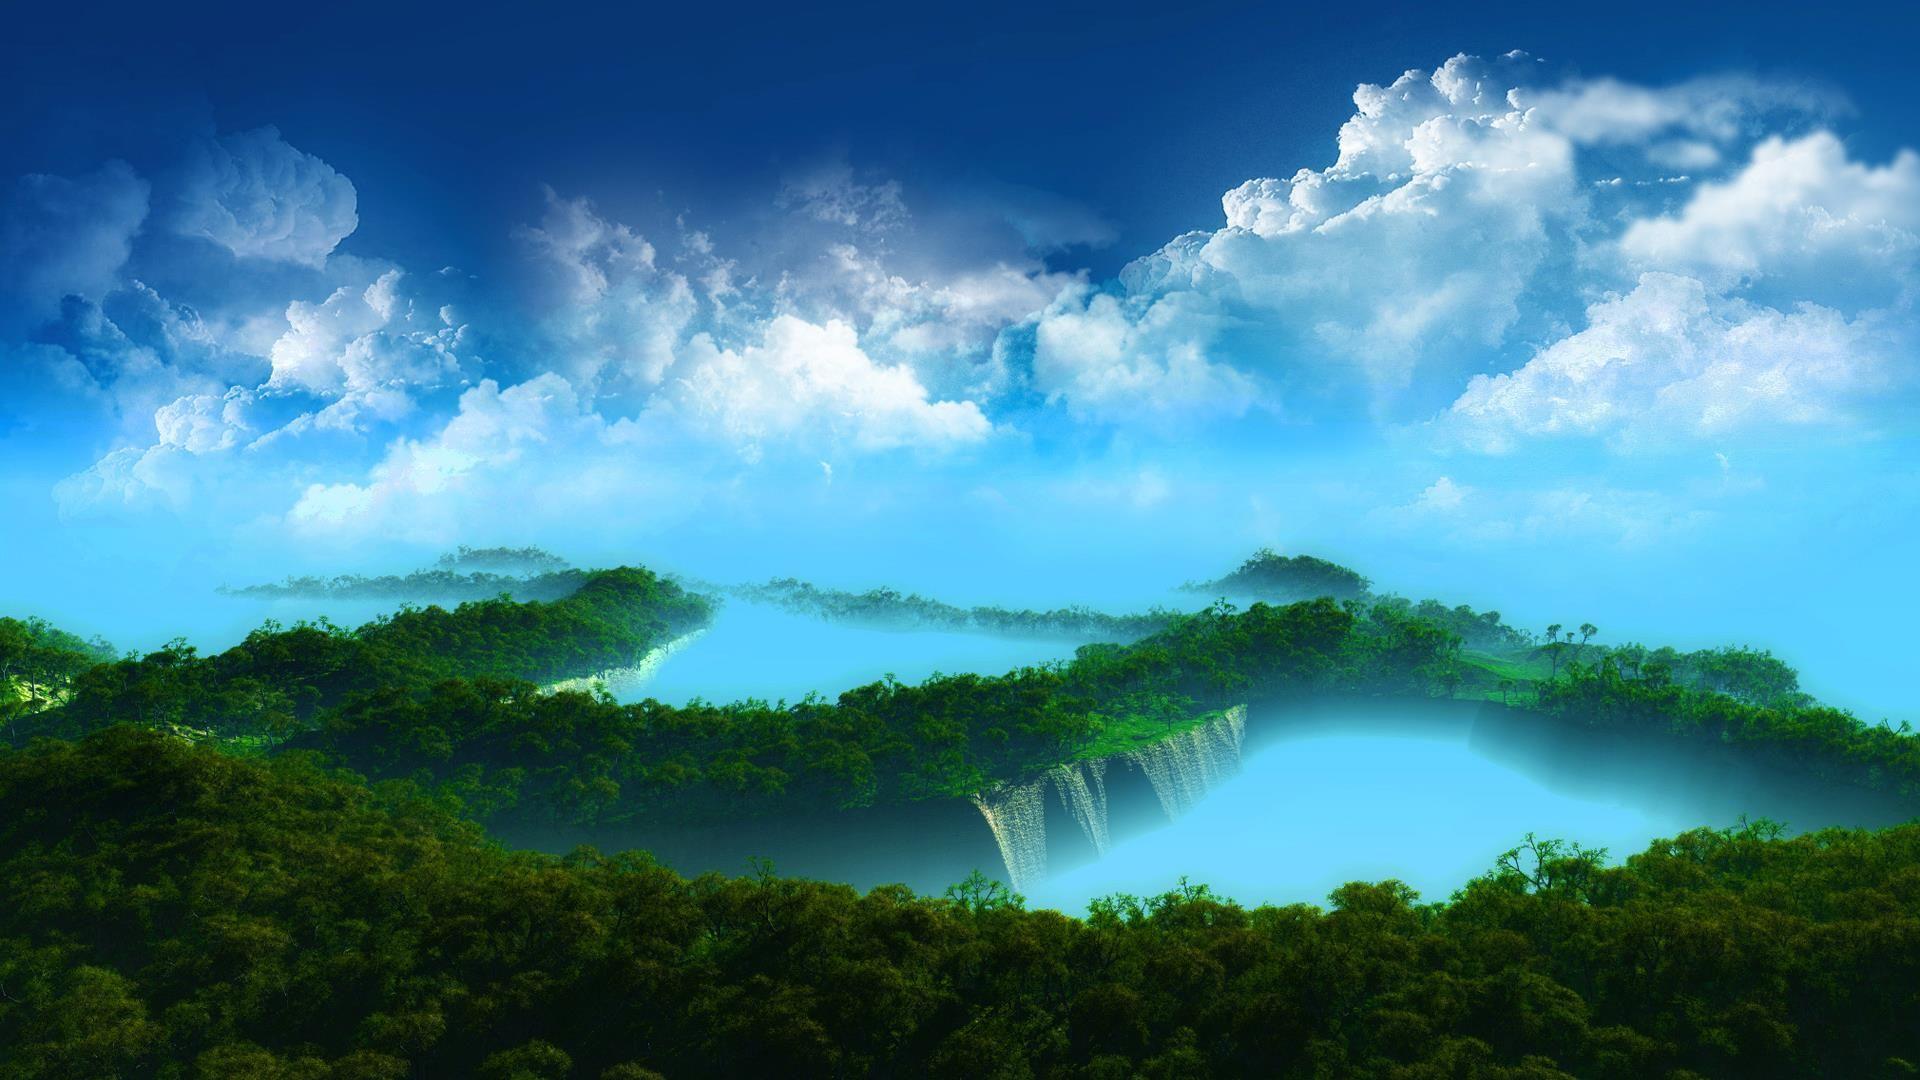 Paysages et fonds d 39 cran en hd fonds d 39 cran gratuits for Fonds ecran paysages superbes